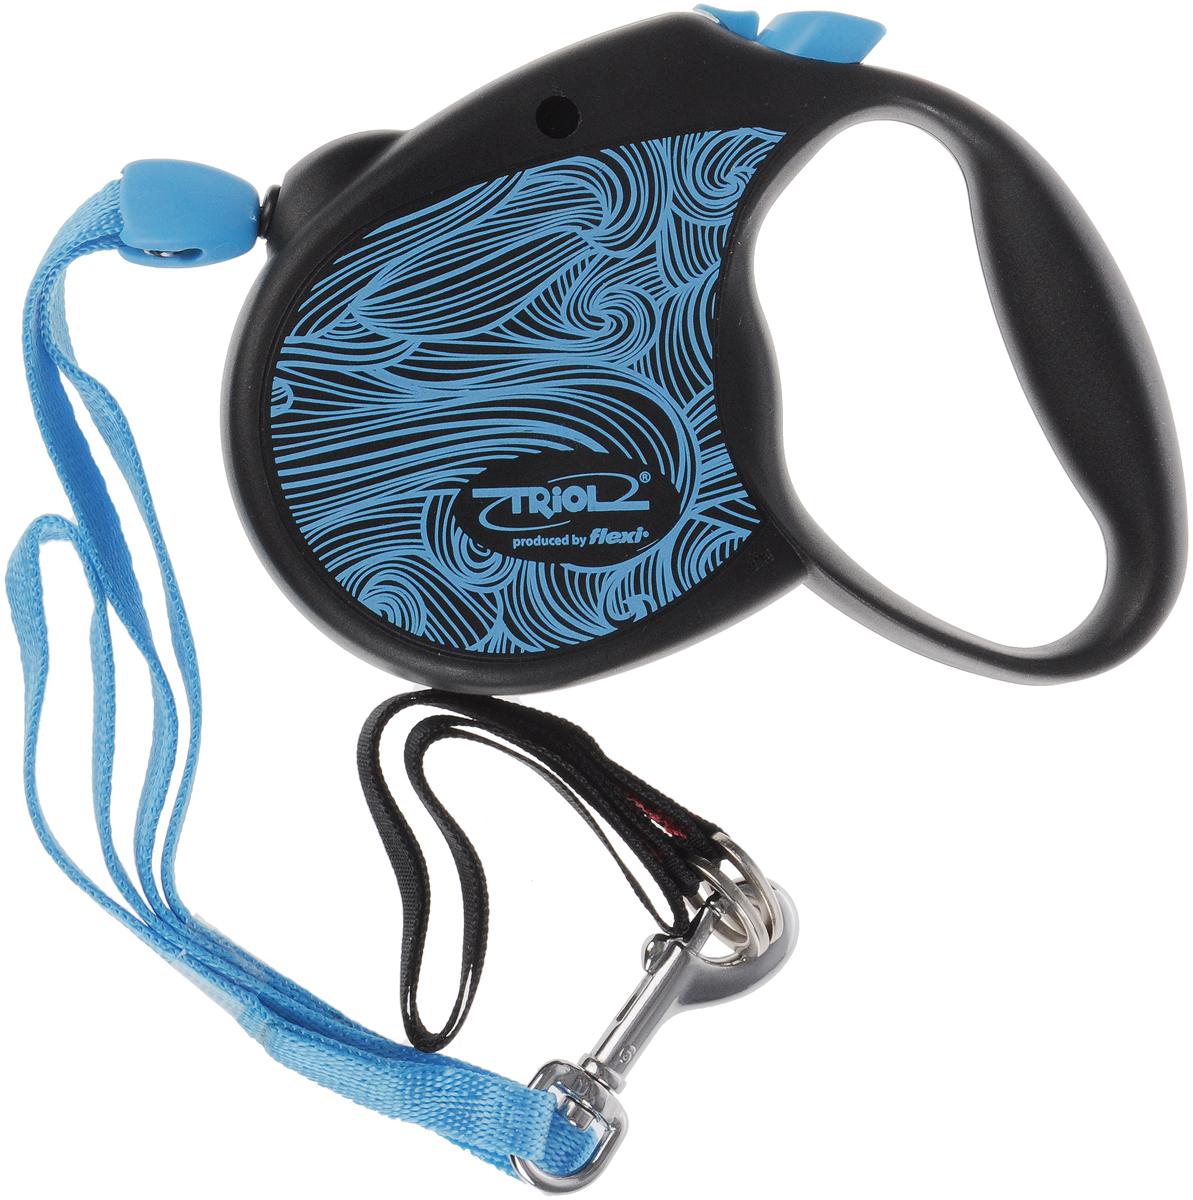 Поводок-рулетка Triol Colour, цвет: голубой, черный, длина 5 м. Размер S поводок рулетка triol colour цвет голубой черный длина 5 м размер s